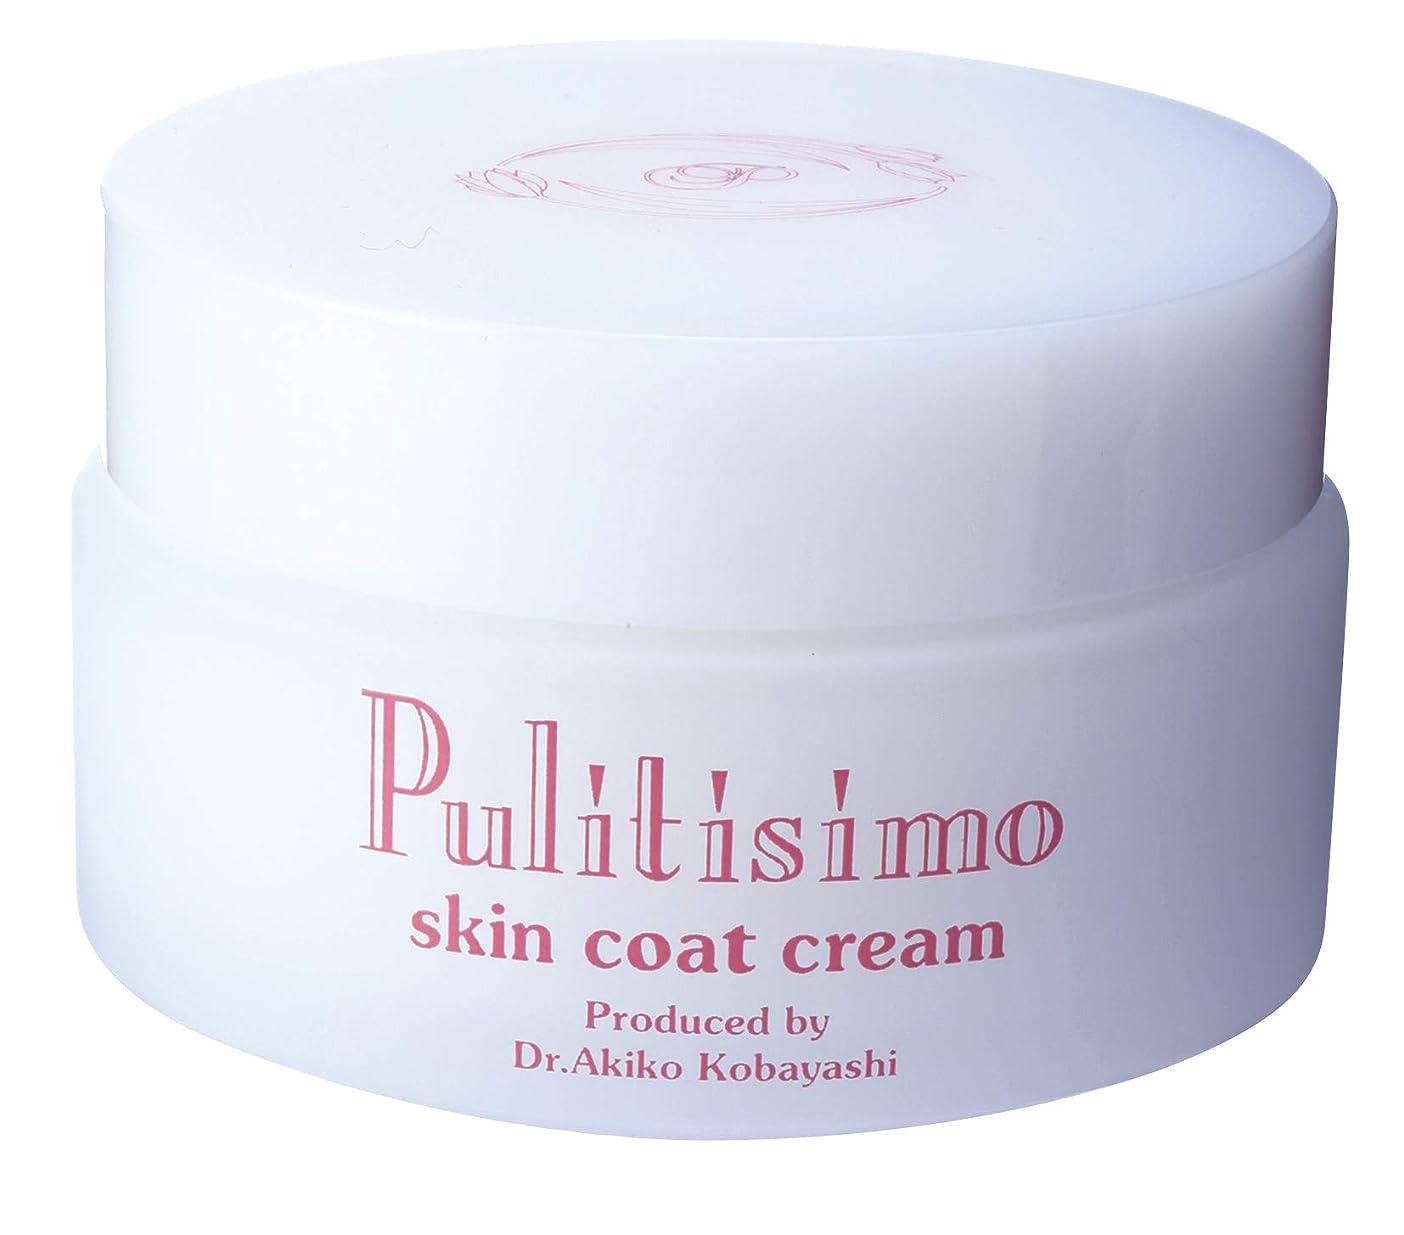 音アプライアンス流体保湿クリーム プリティシモ スキン コート クリーム 敏感肌でも安心。ドクターズコスメ